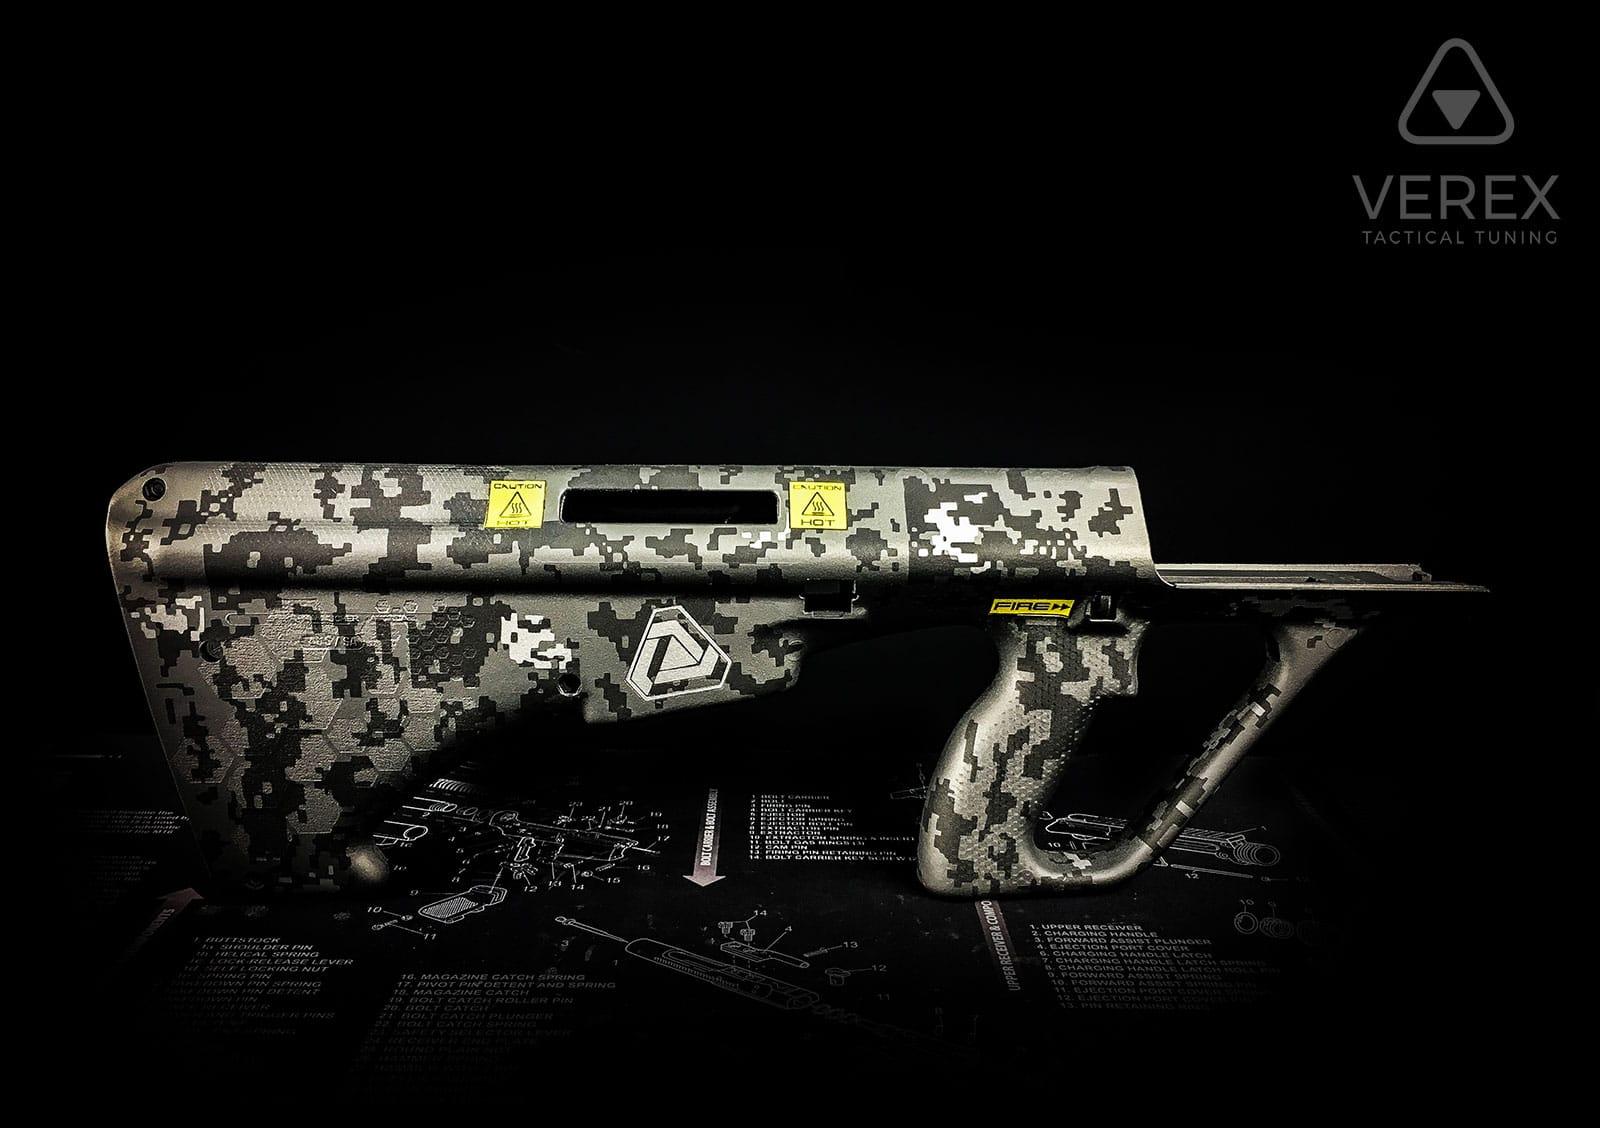 steyr-aug-stg77-sturmgewehr-cerakote-lasergravur-waffentuning-by-verex-tactical-tuning-salzburg-österreich-deutschland-europa